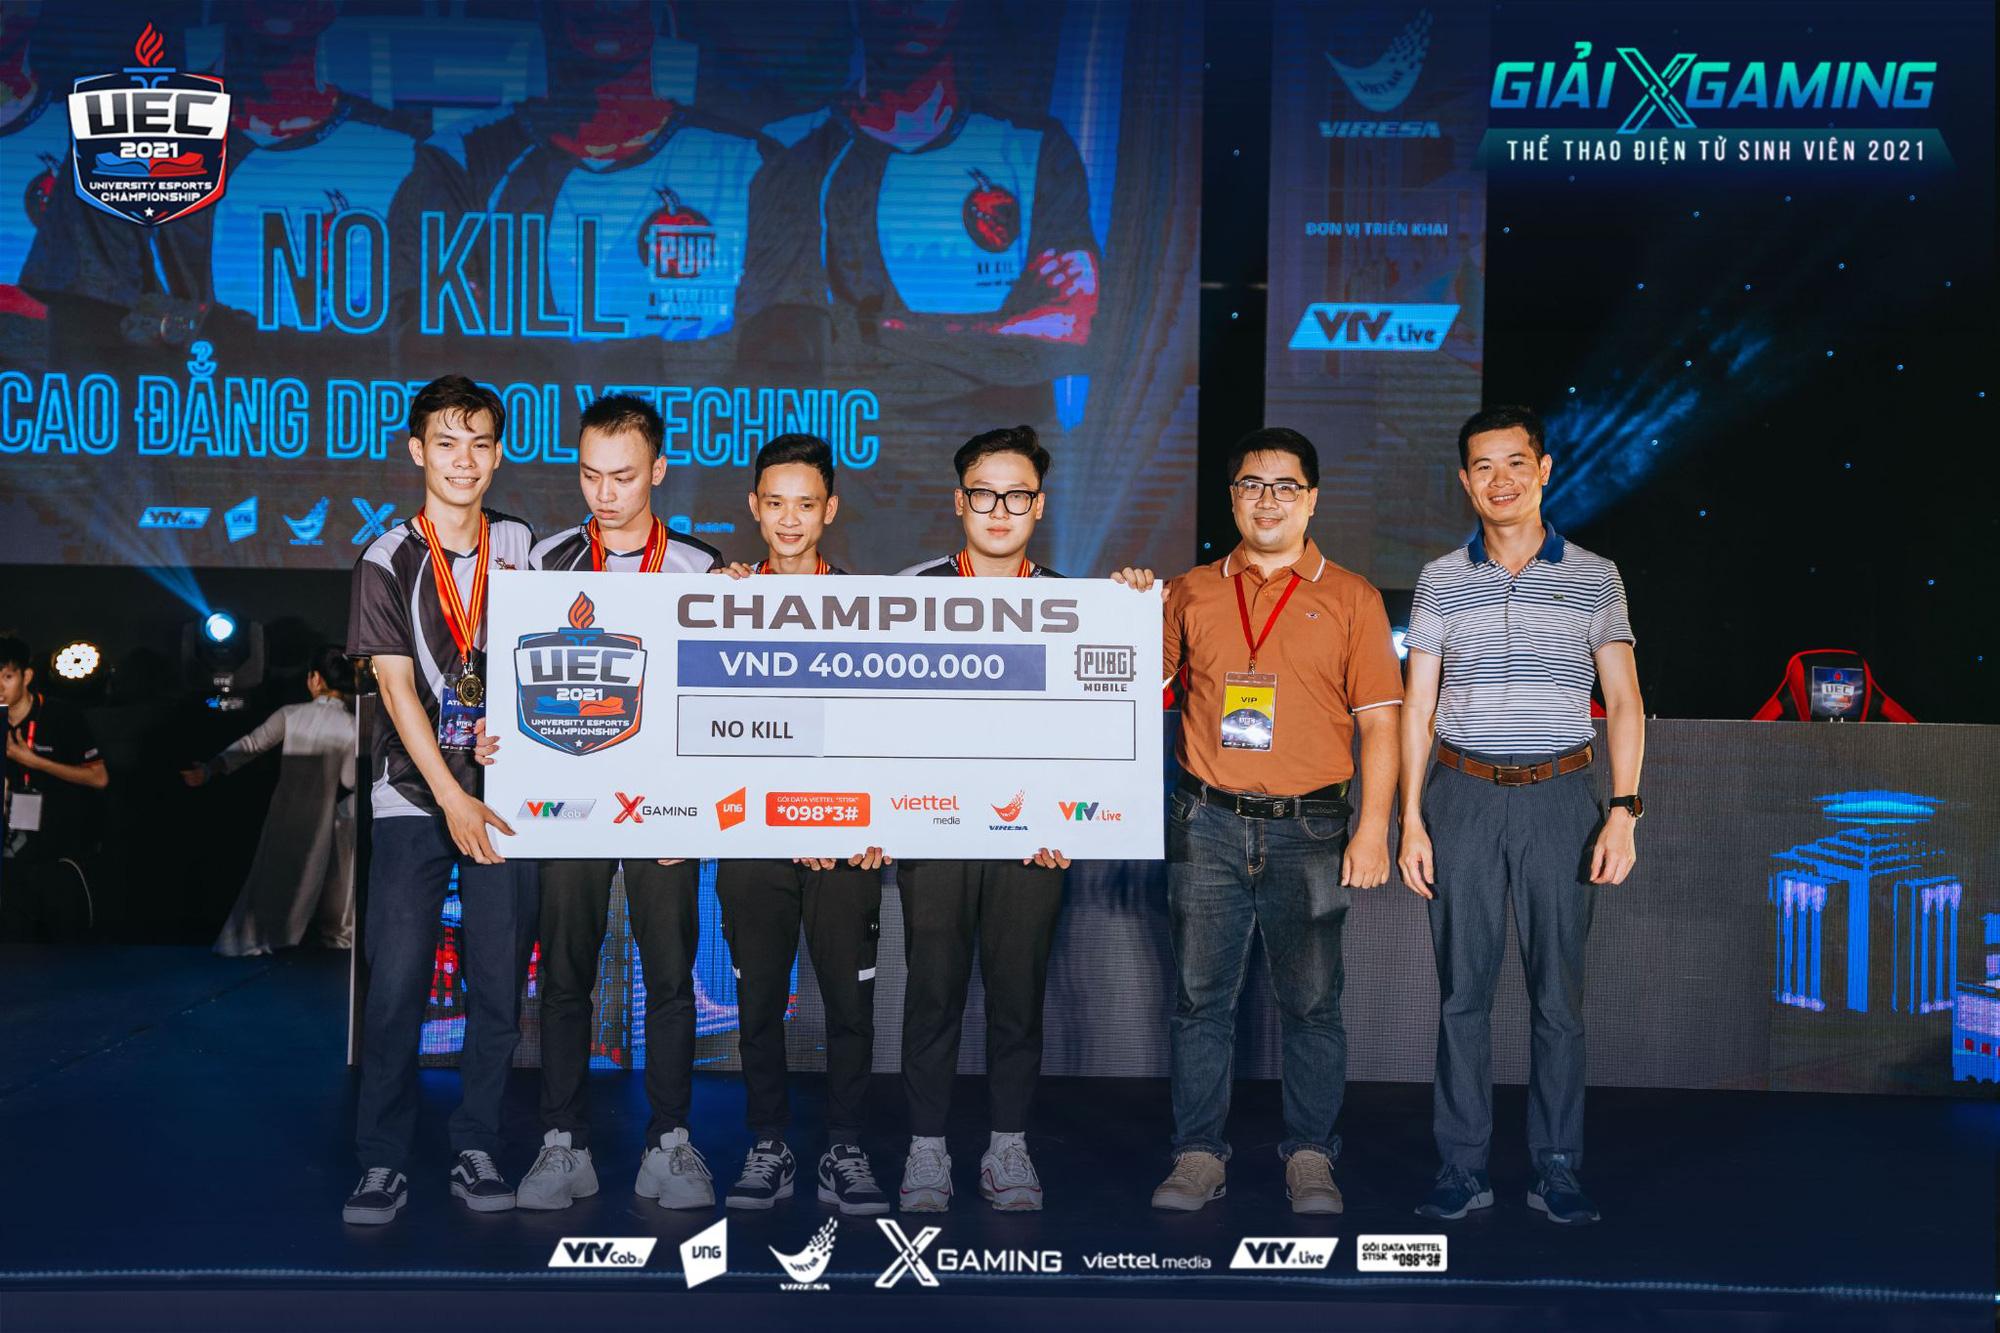 Xgaming - UEC 2021: Cuộc đại tuyển chọn cho tương lai eSports Việt Nam - Ảnh 4.